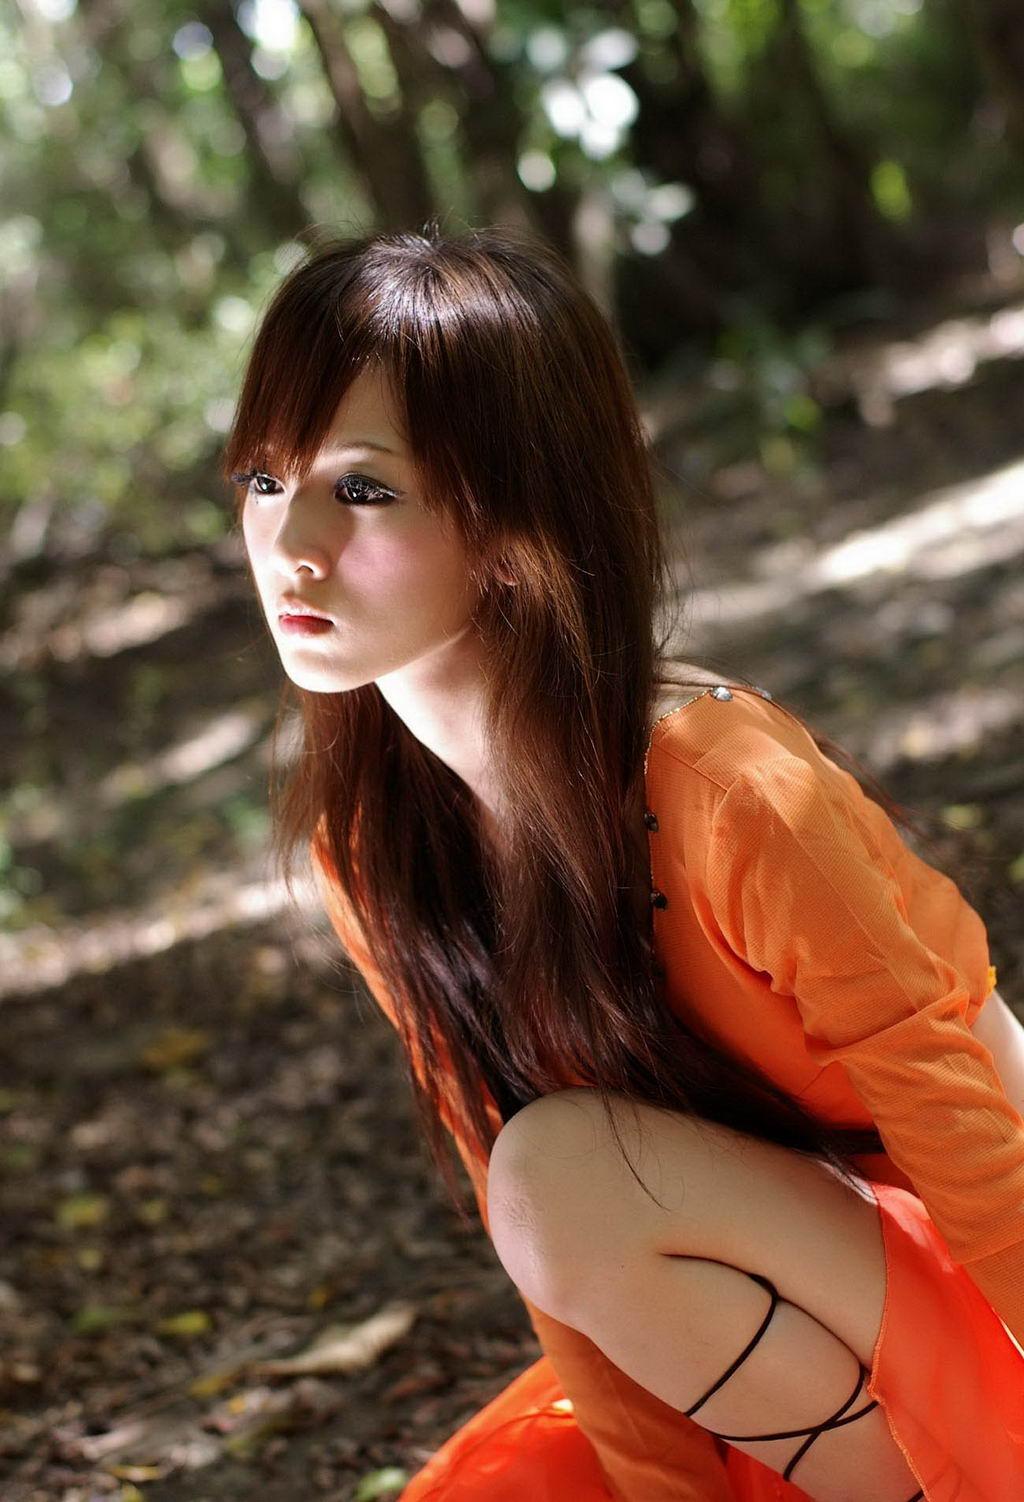 赵萌萌照片_清纯MM被炒作成日本女优,游戏厂商宣传不择手段_乐游网